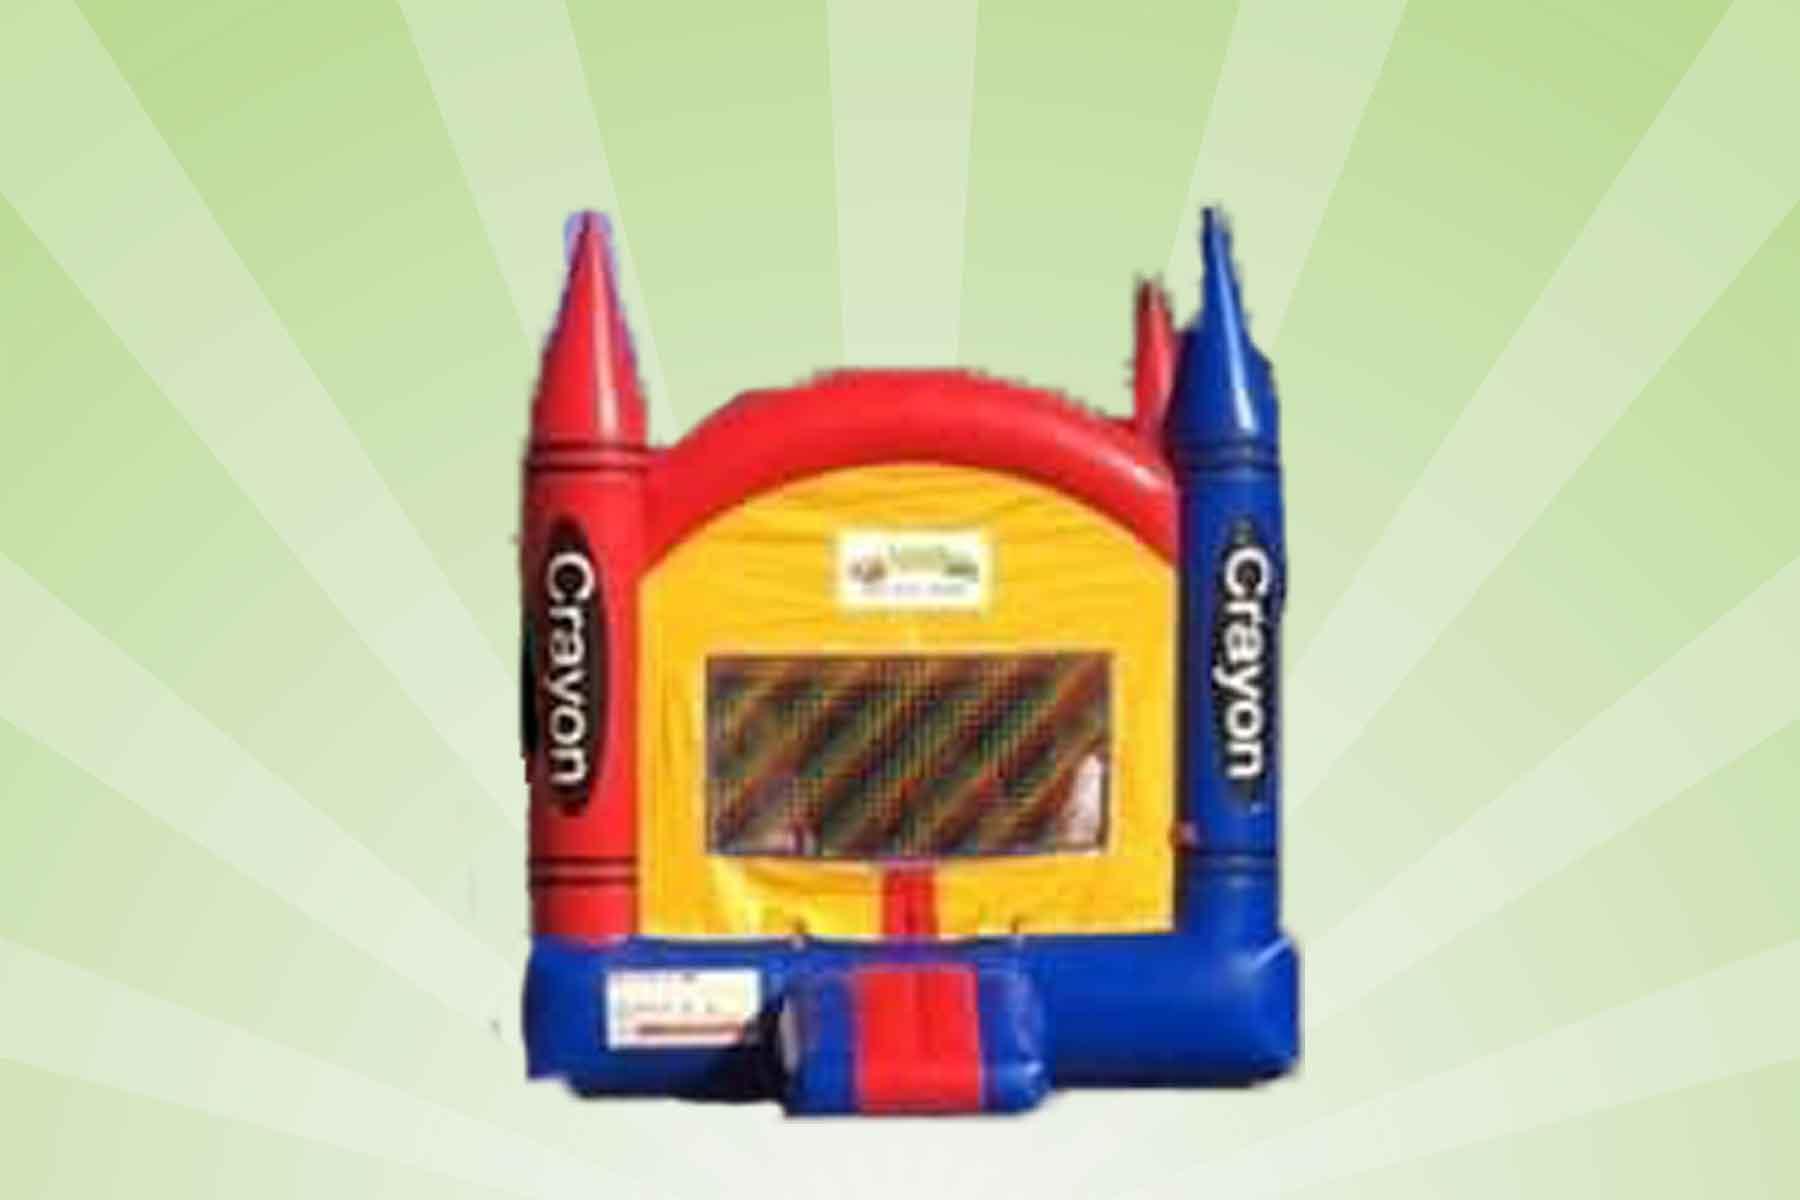 Crayola Crayon Bounce House